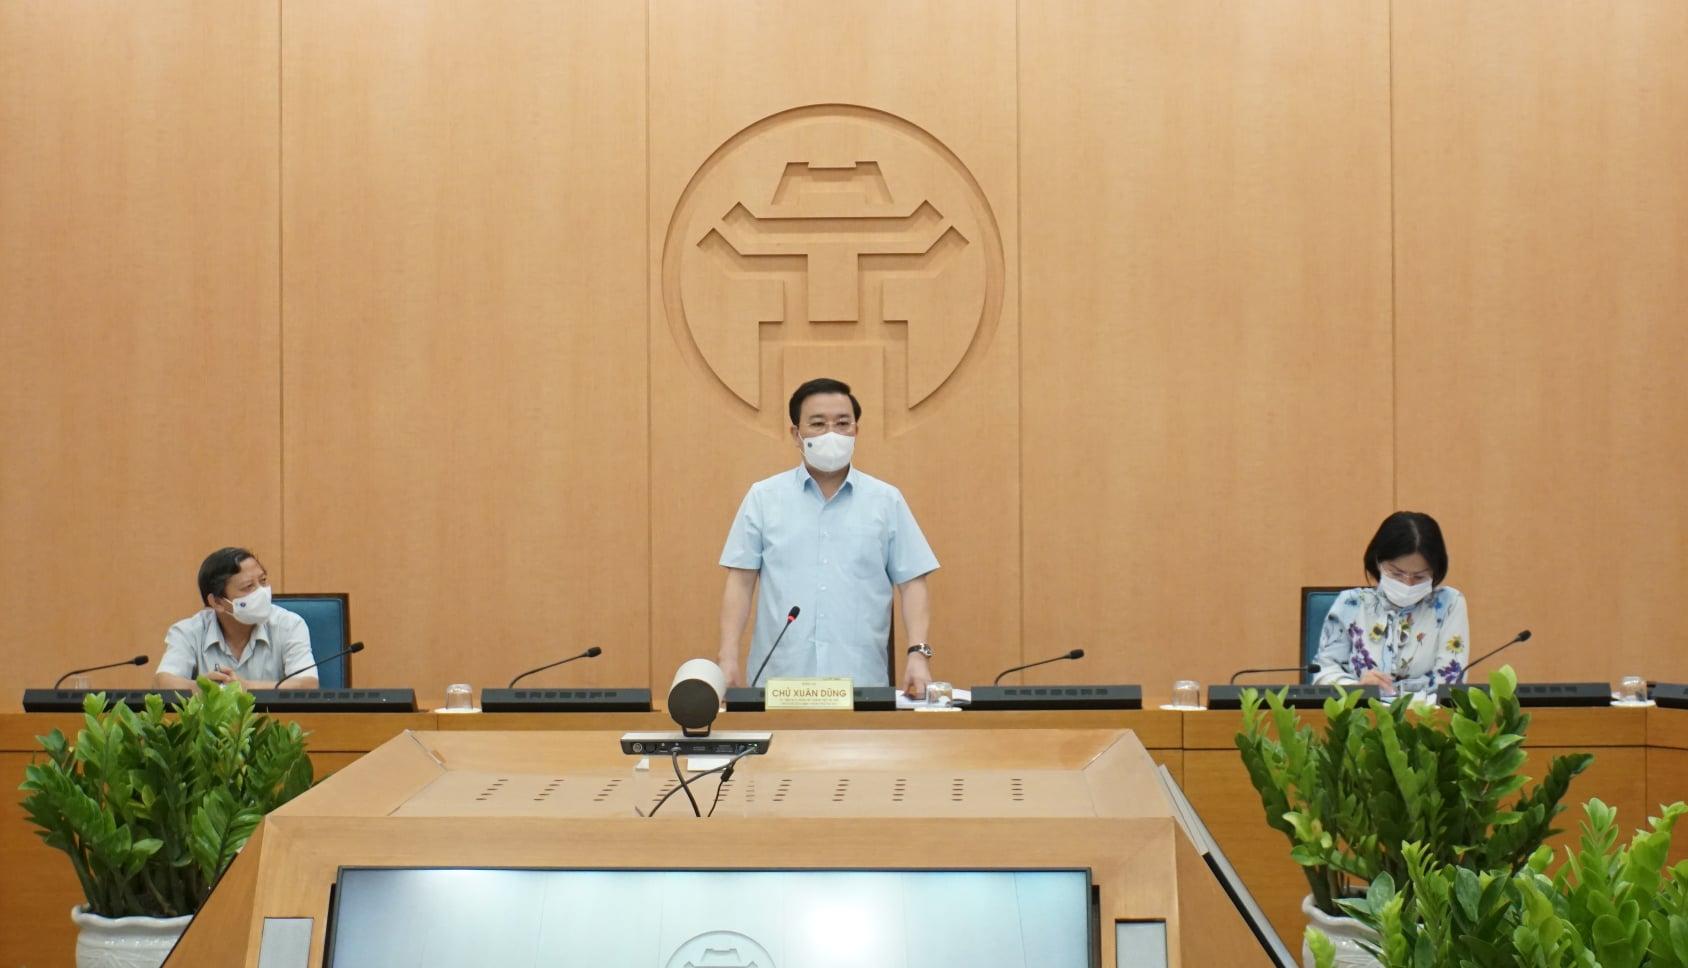 Hà Nội: Phát hiện 40 người liên quan Hội thánh truyền giáo Phục Hưng ở TP.HCM - Ảnh 2.